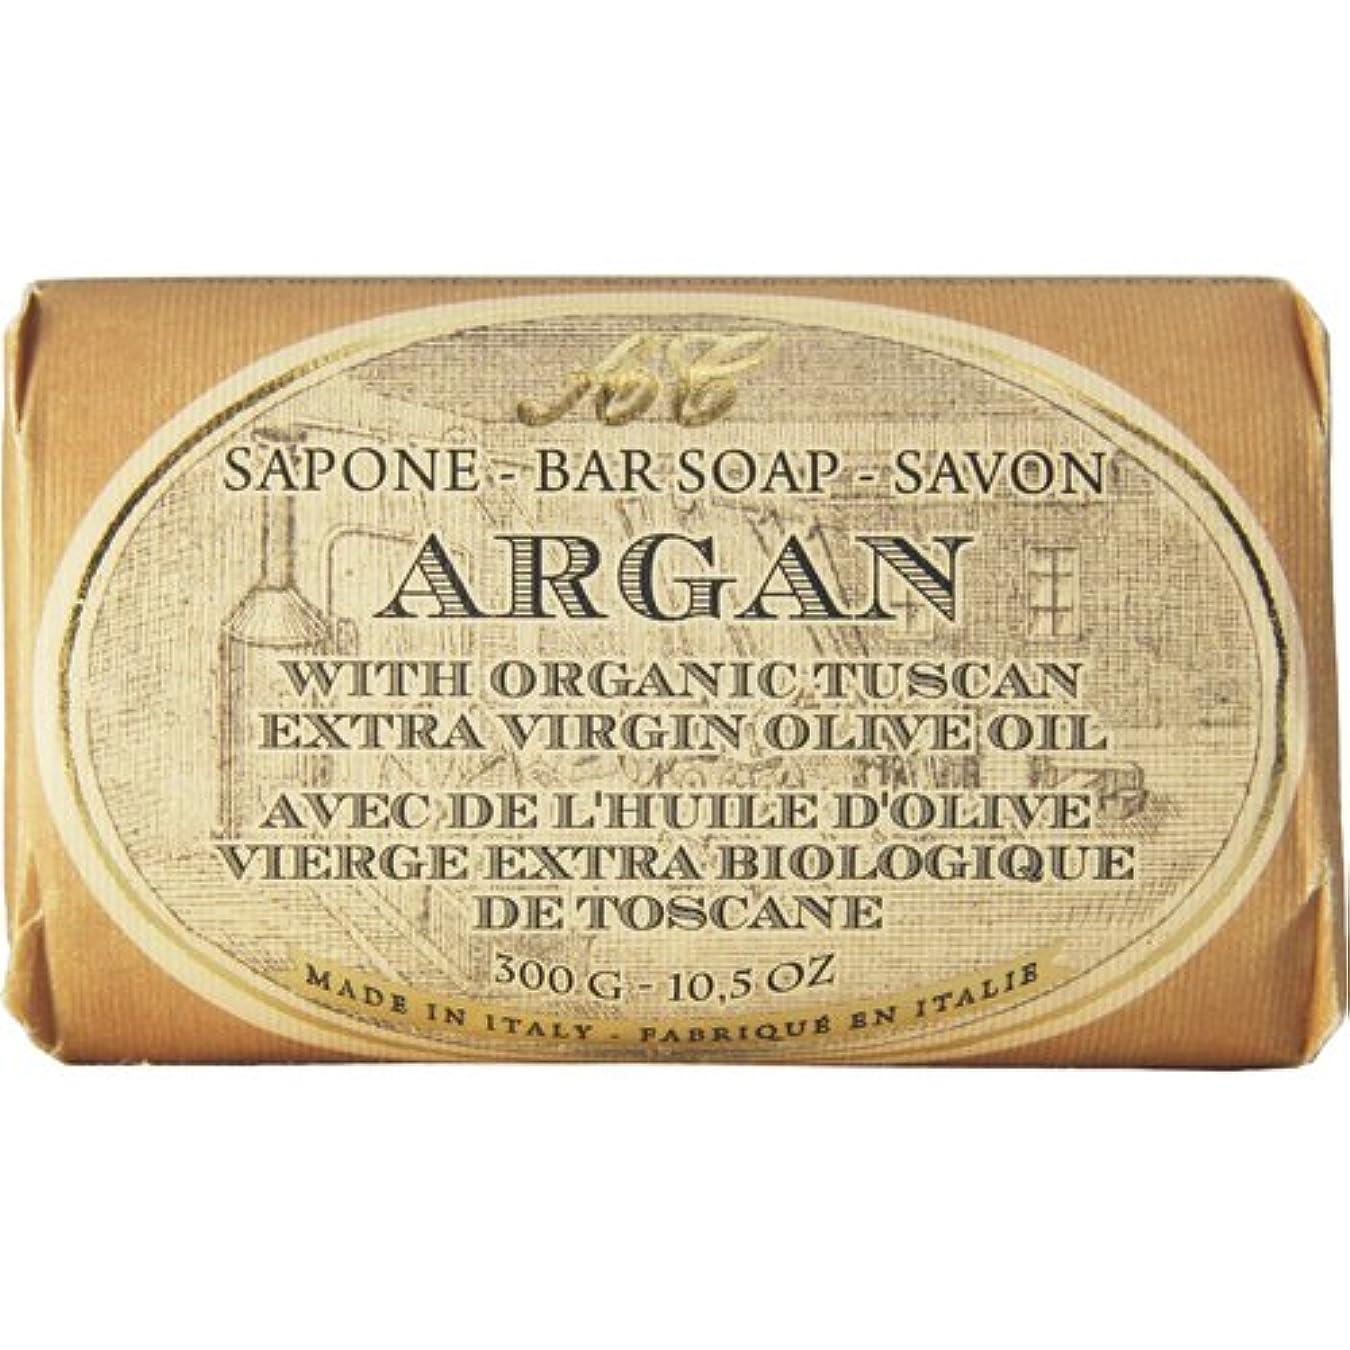 構築する防ぐ延ばすSaponerire Fissi レトロシリーズ Bar Soap バーソープ 300g Argan アルガンオイル